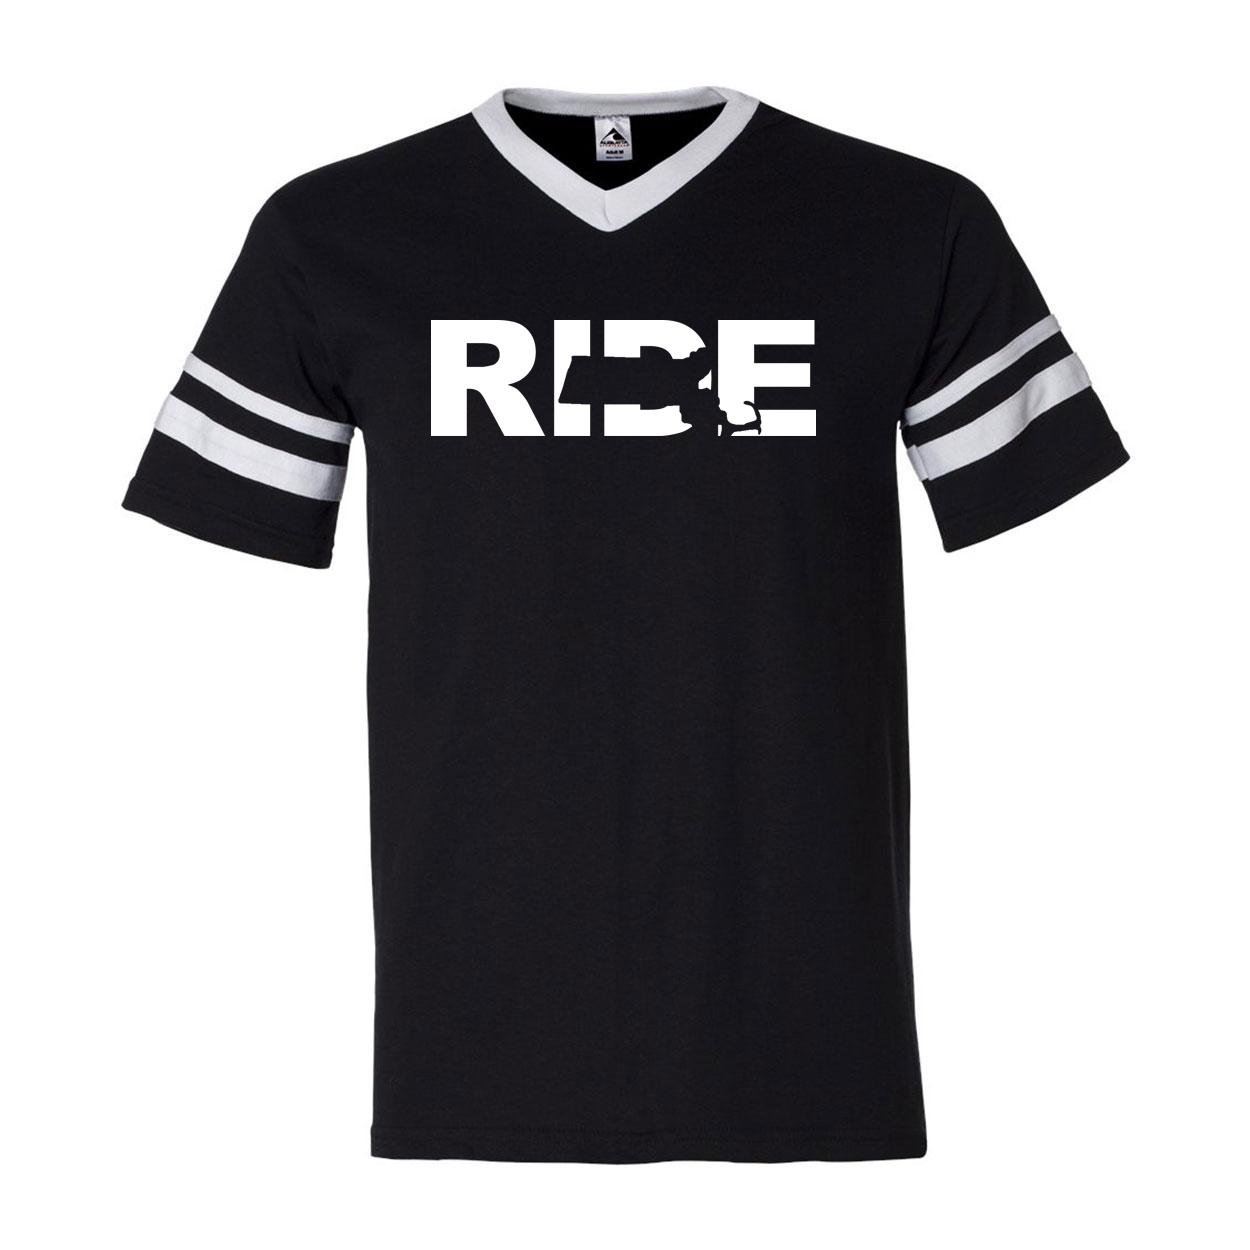 Ride Massachusetts Classic Premium Striped Jersey T-Shirt Black/White (White Logo)